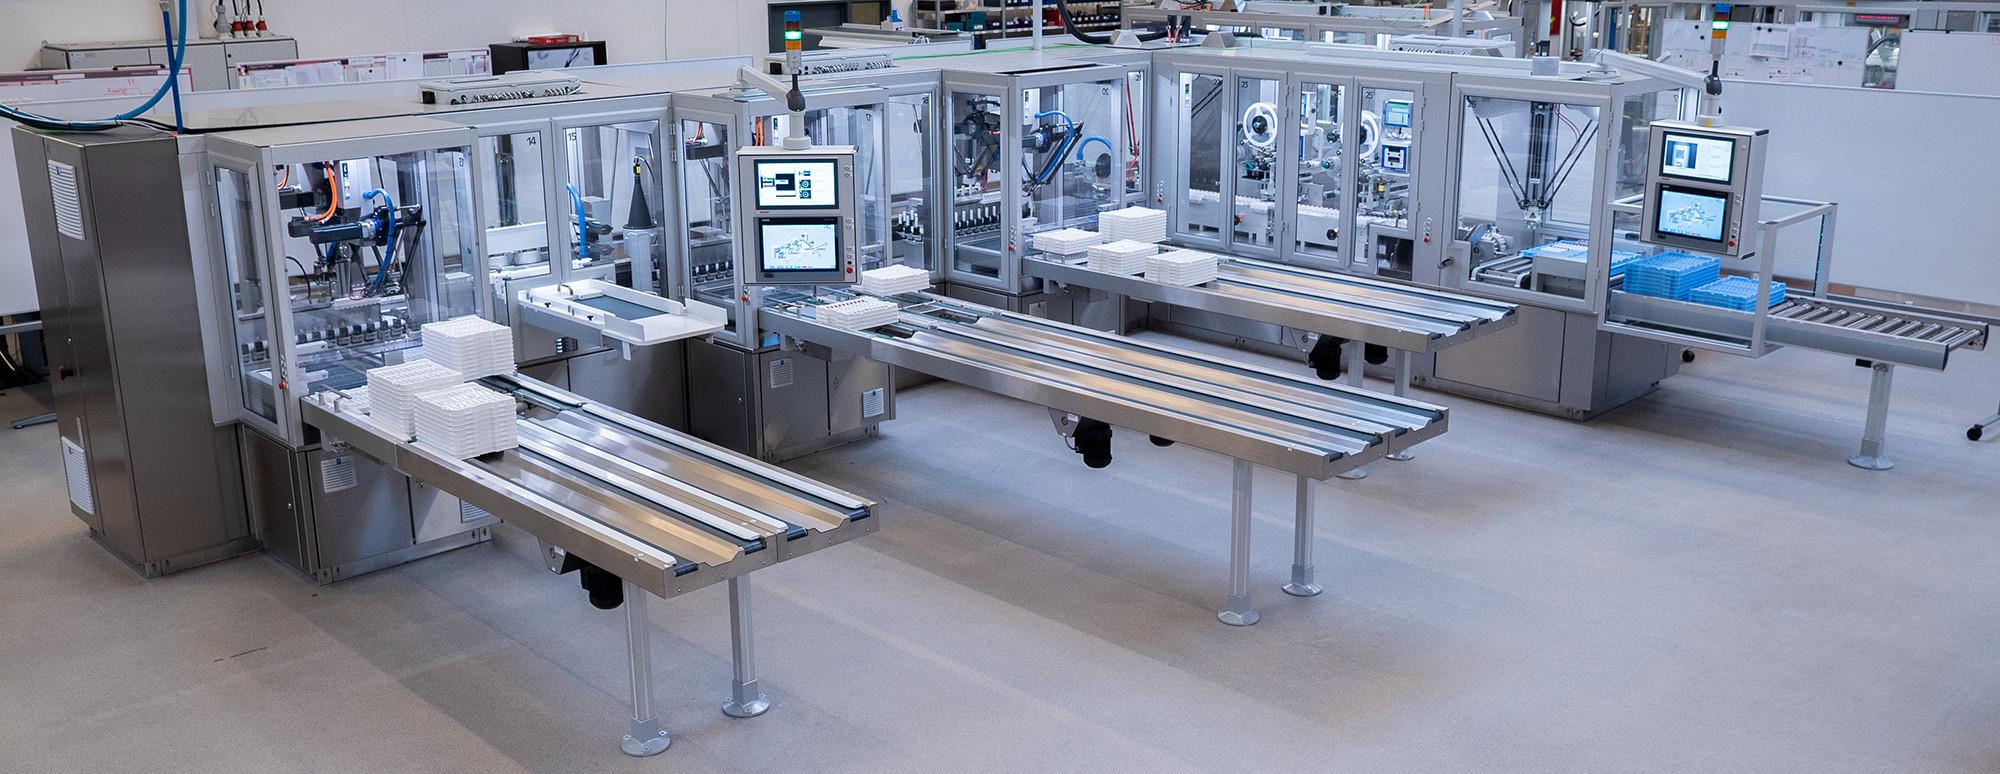 Assembly Platform Photo